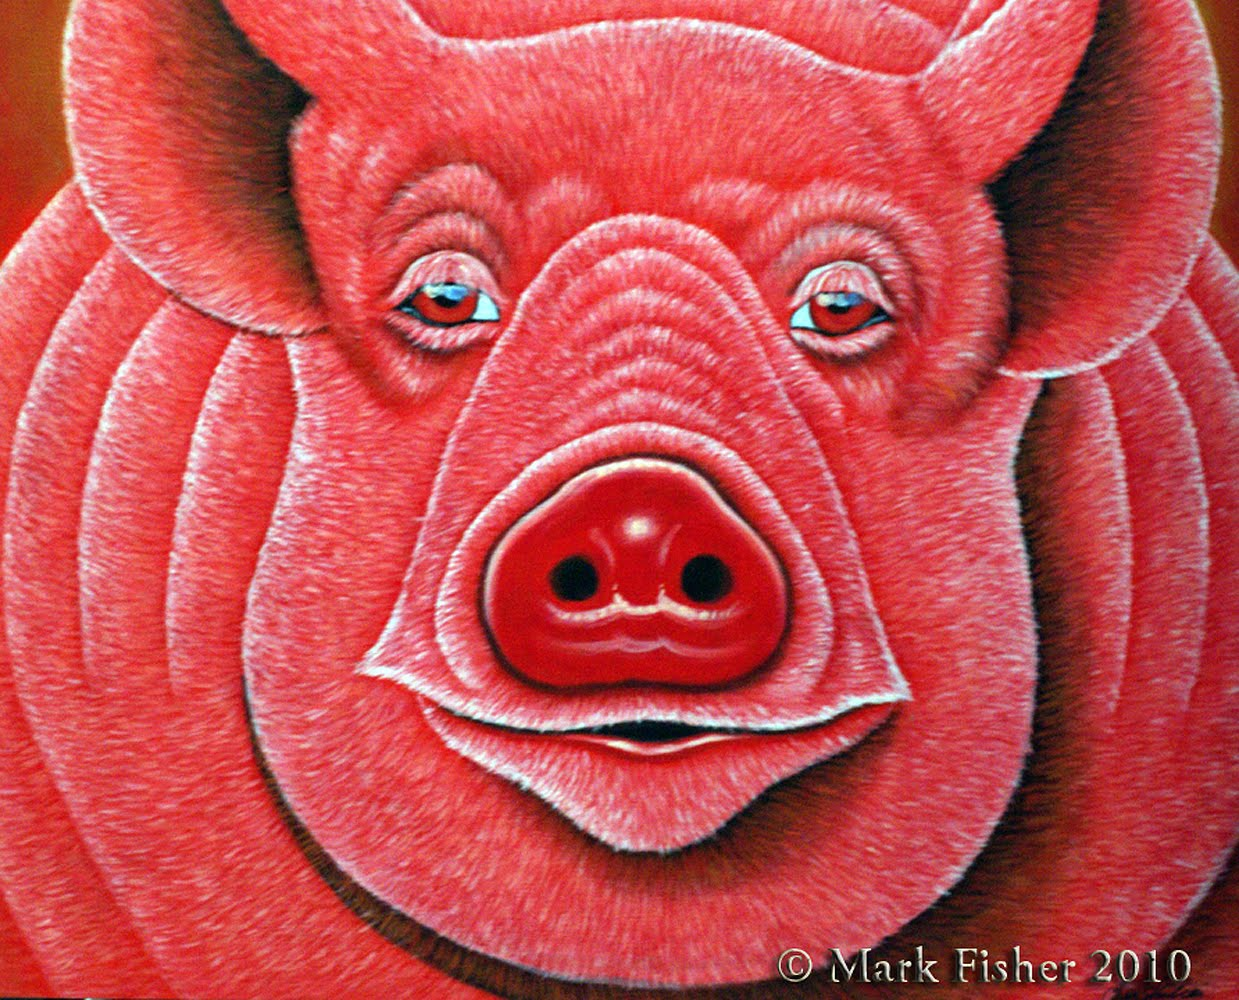 http://1.bp.blogspot.com/_SKi99sC5G94/TBWKalT7C5I/AAAAAAAABJg/ts6WdH5nUBU/s1600/A+Pink+Pig+Image.jpg